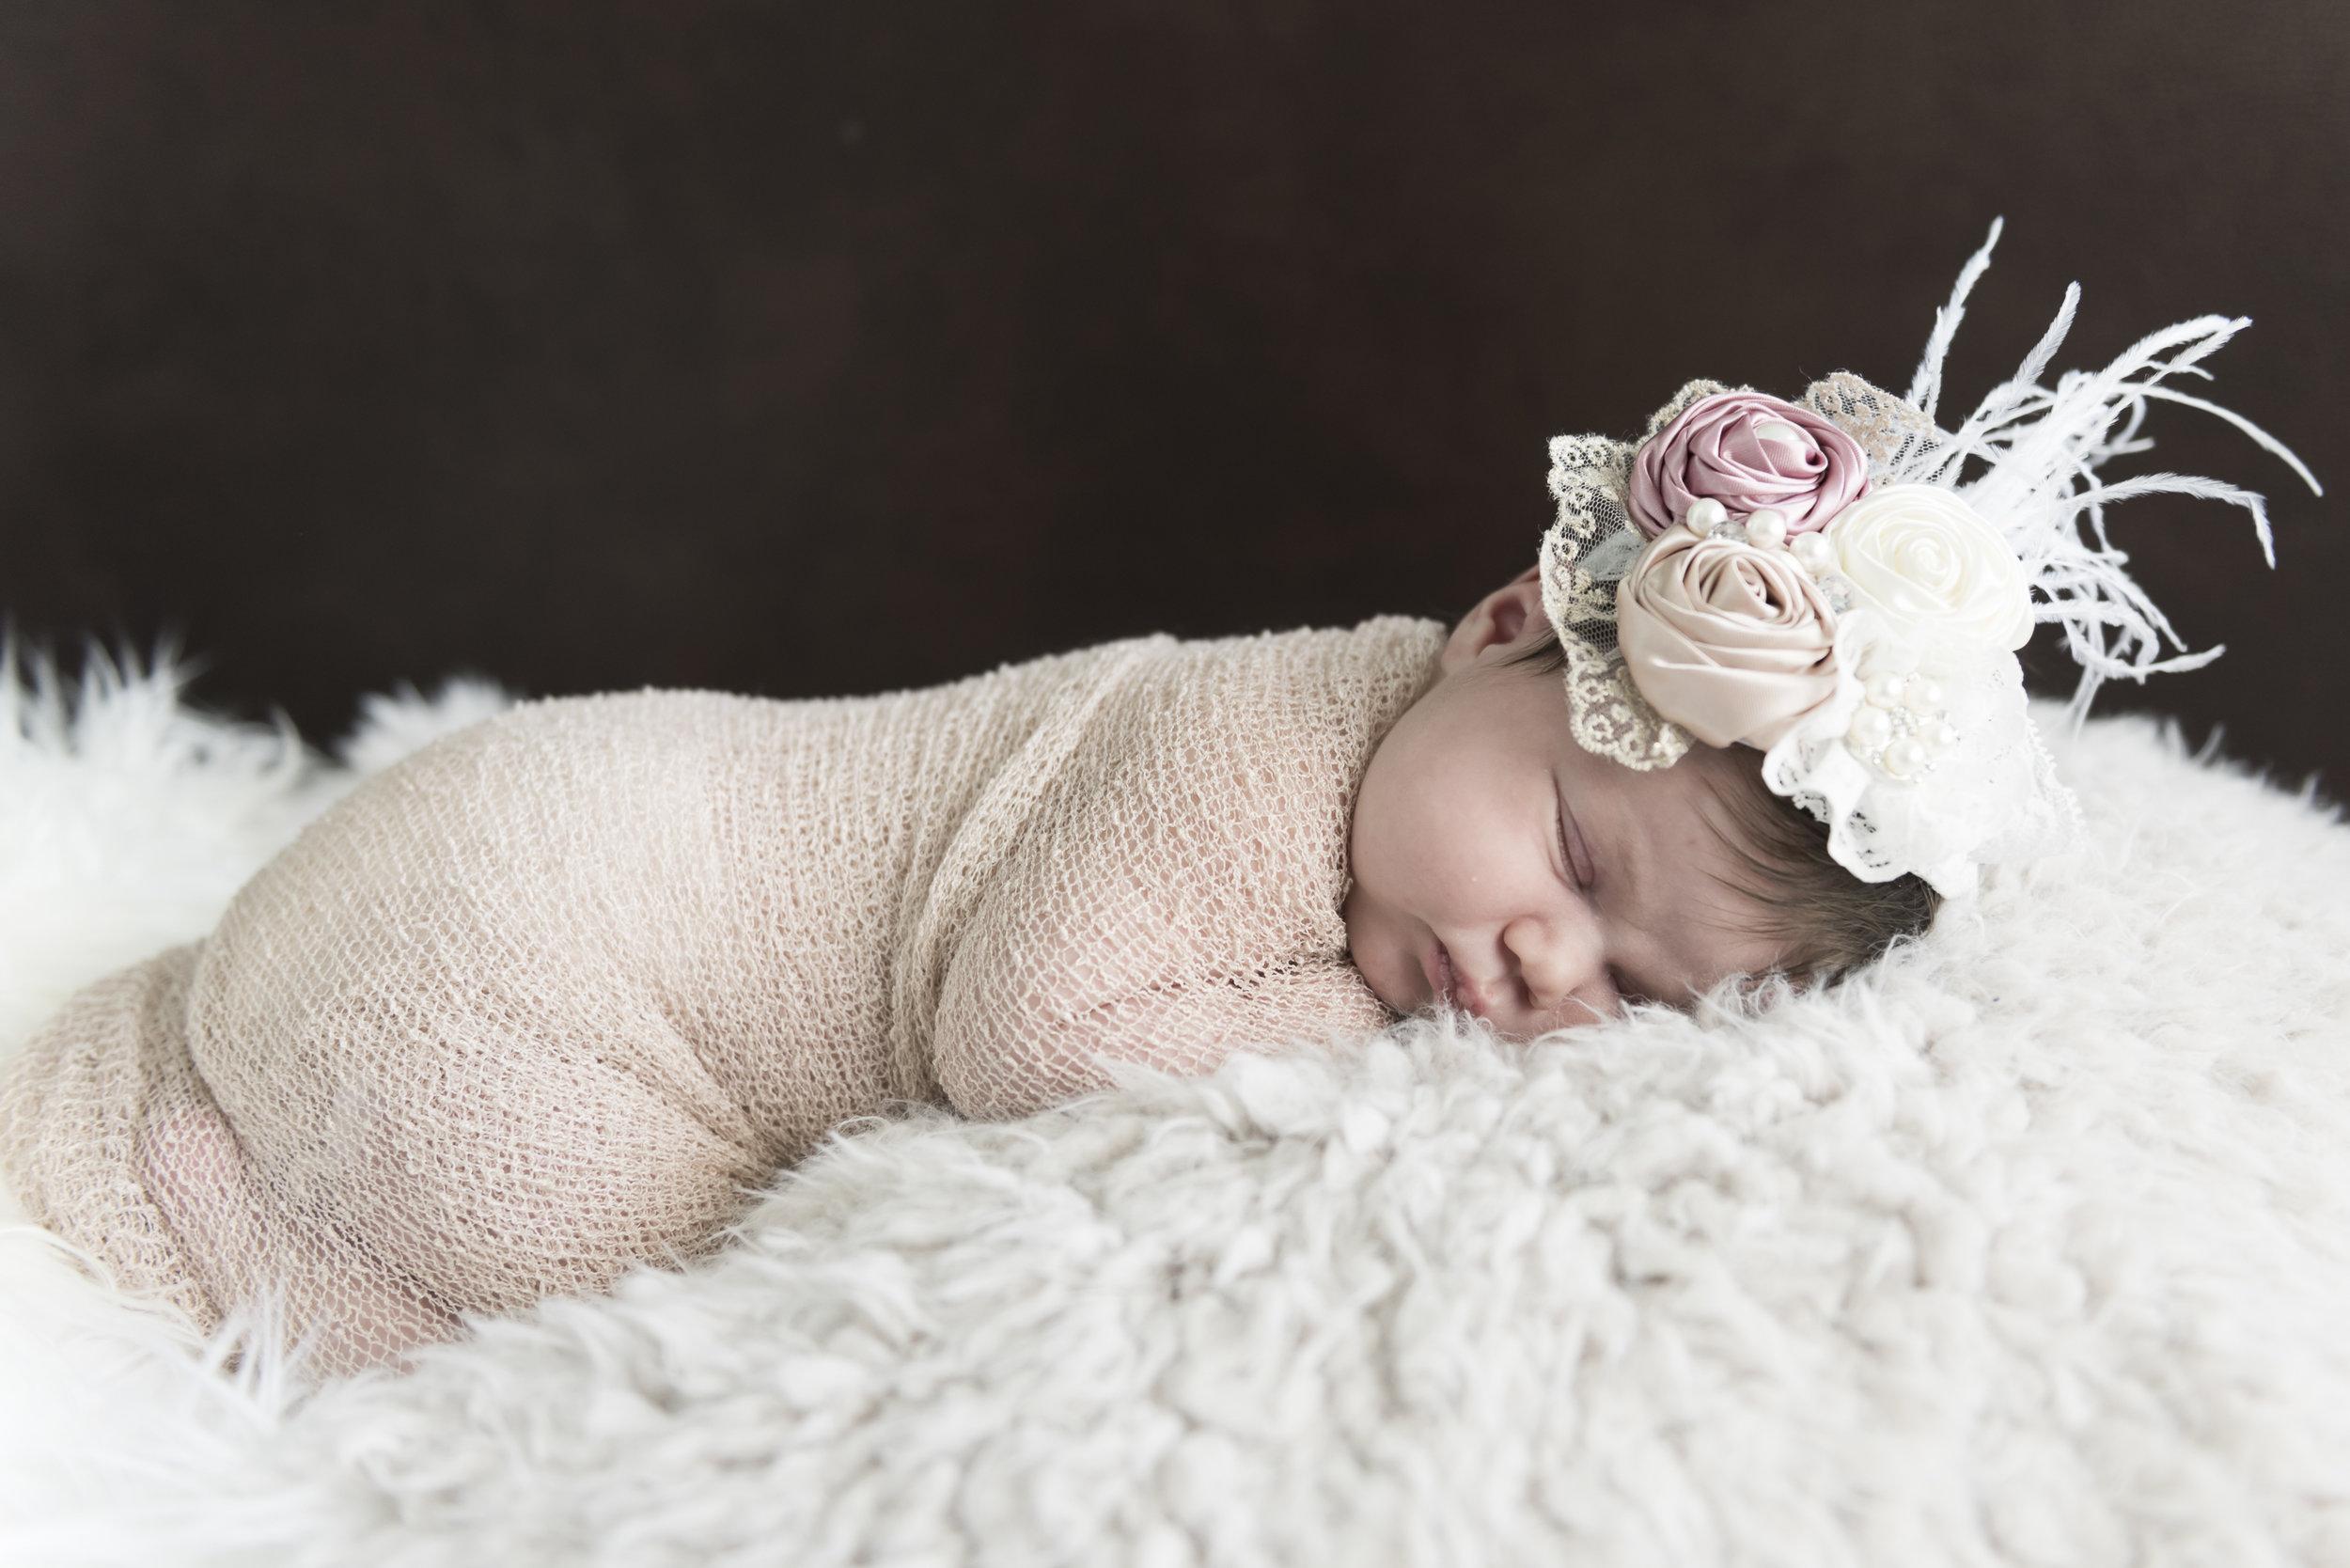 Newborn_ClaraBauer-7570.jpg